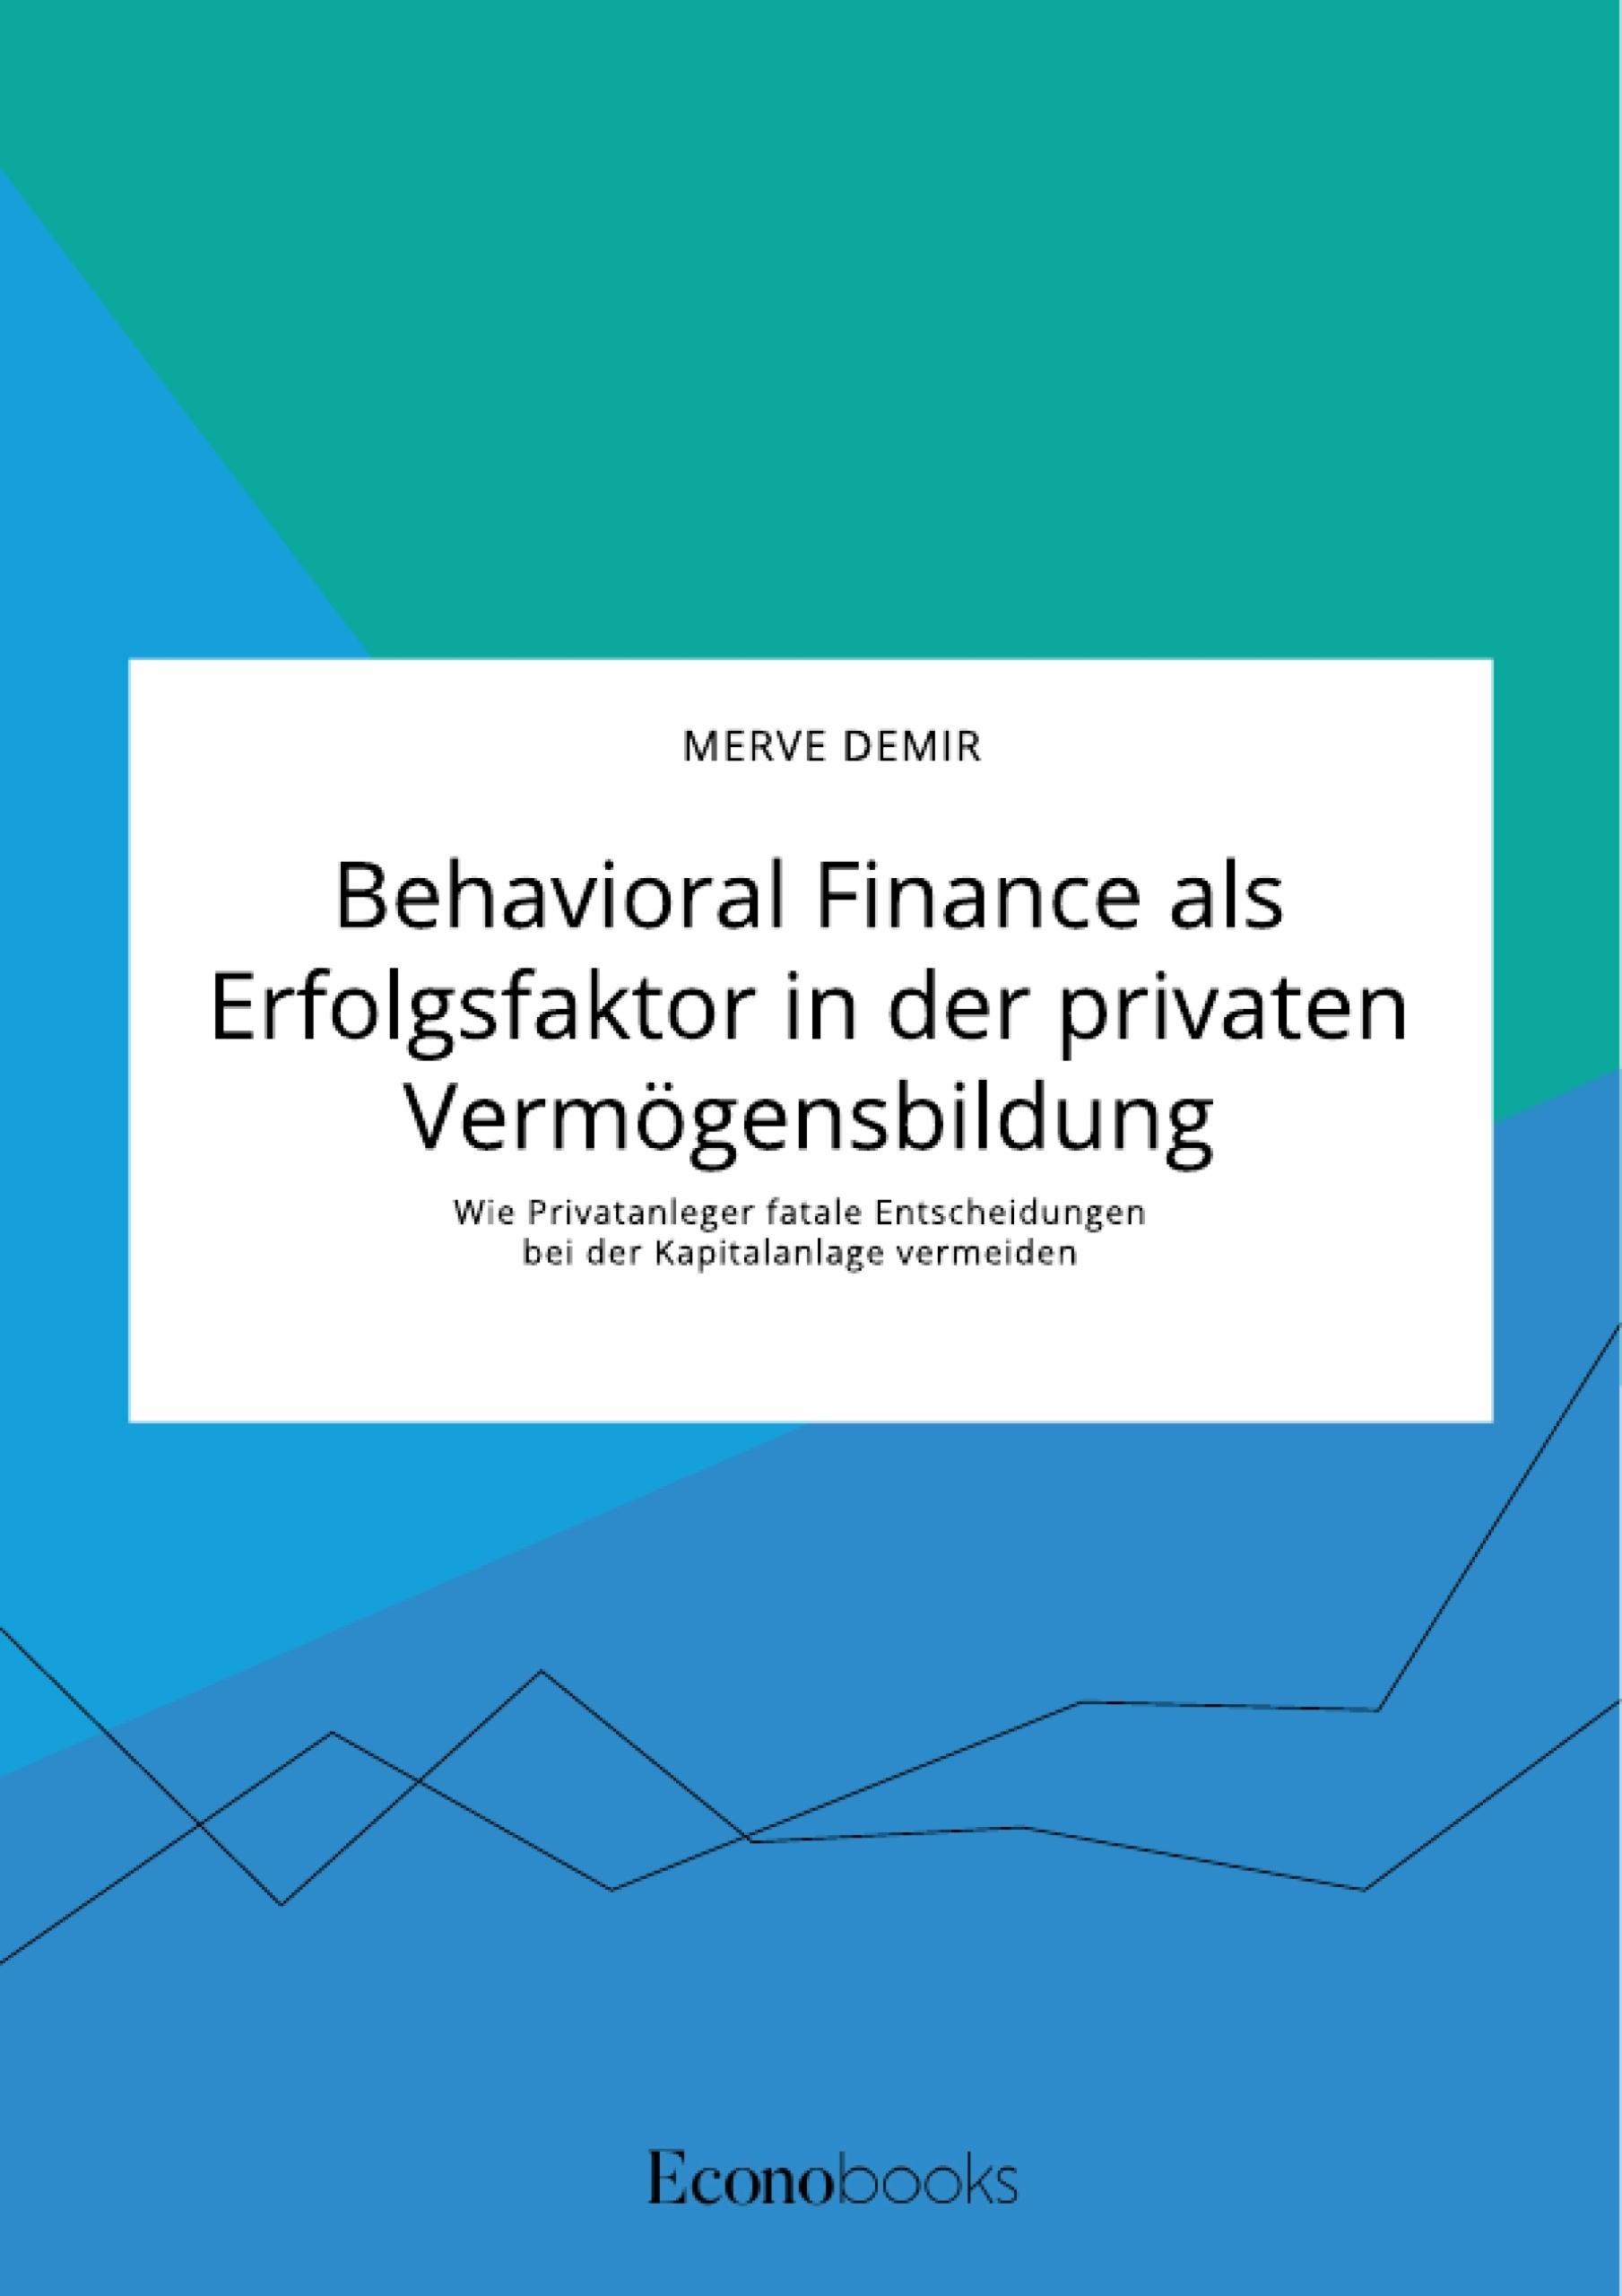 Titel: Behavioral Finance als Erfolgsfaktor in der privaten Vermögensbildung. Wie Privatanleger fatale Entscheidungen bei der Kapitalanlage vermeiden